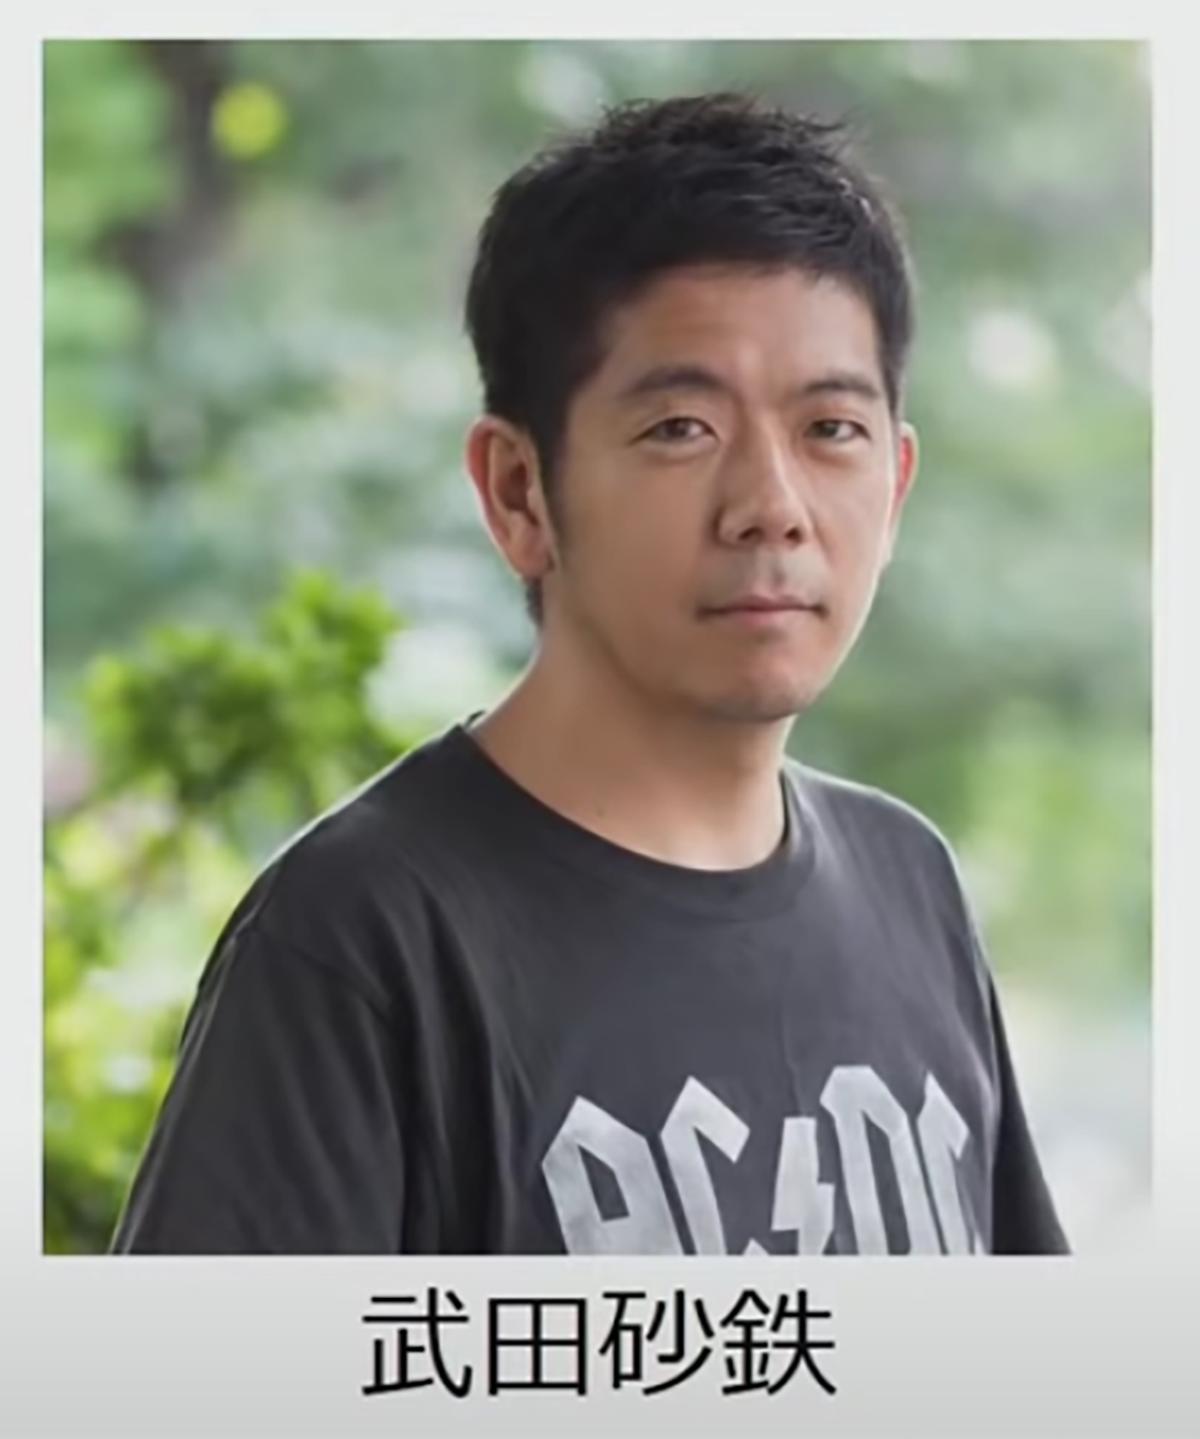 フリーライター・武田砂鉄氏の画像